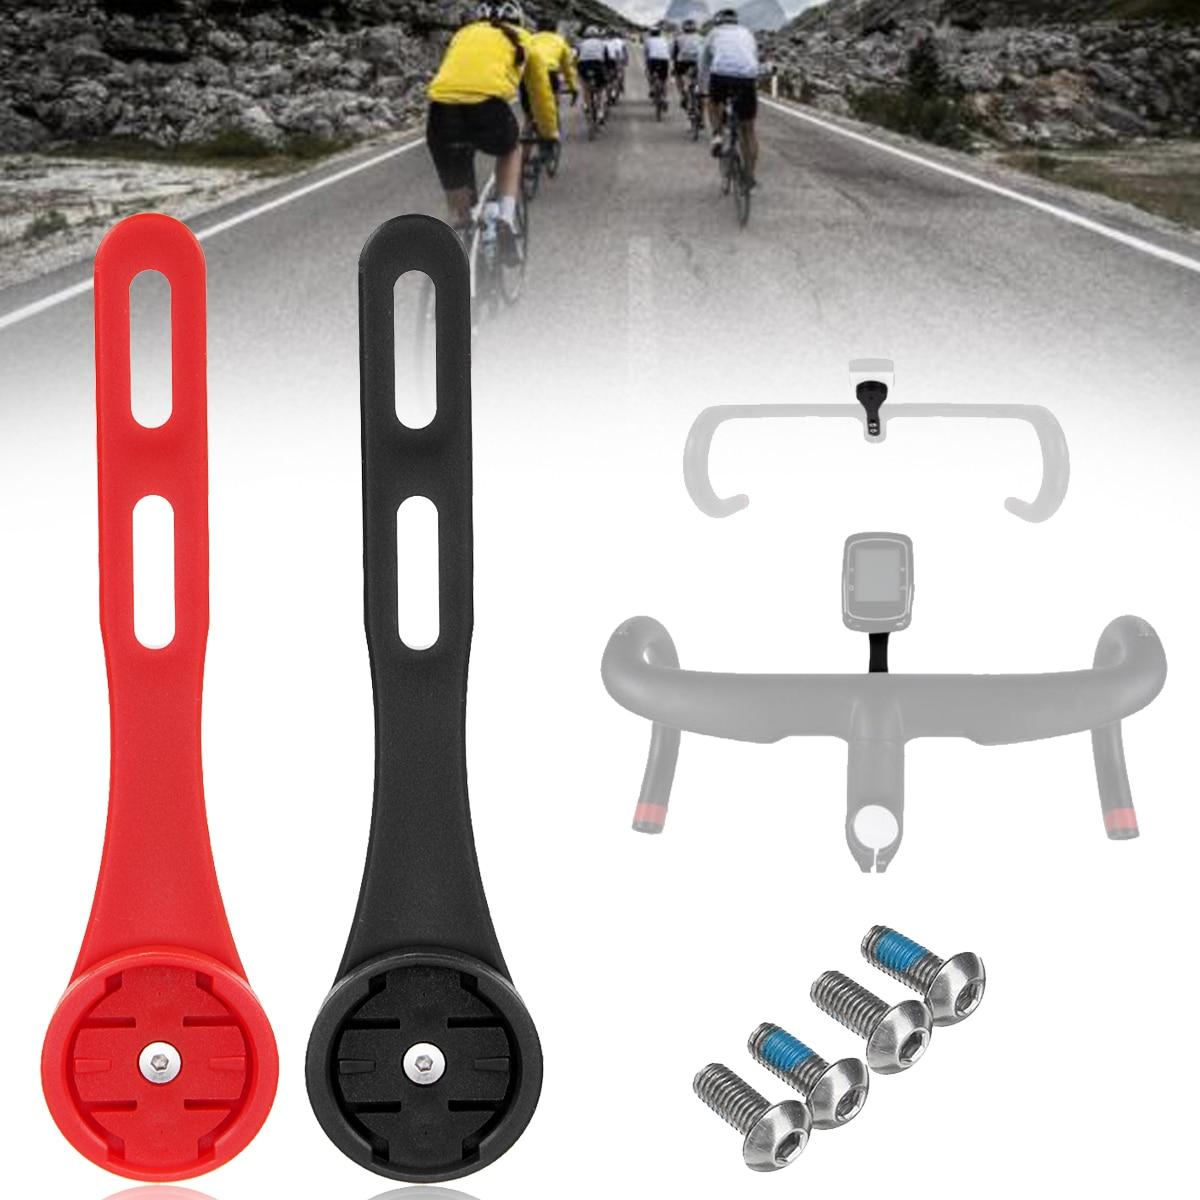 Крепление для велосипеда, компьютера, держатель для шоссейного MTB велосипеда, руль Garmin Edge 1000/200-800, поддержка bryton rider SLR Aero Road, ручки